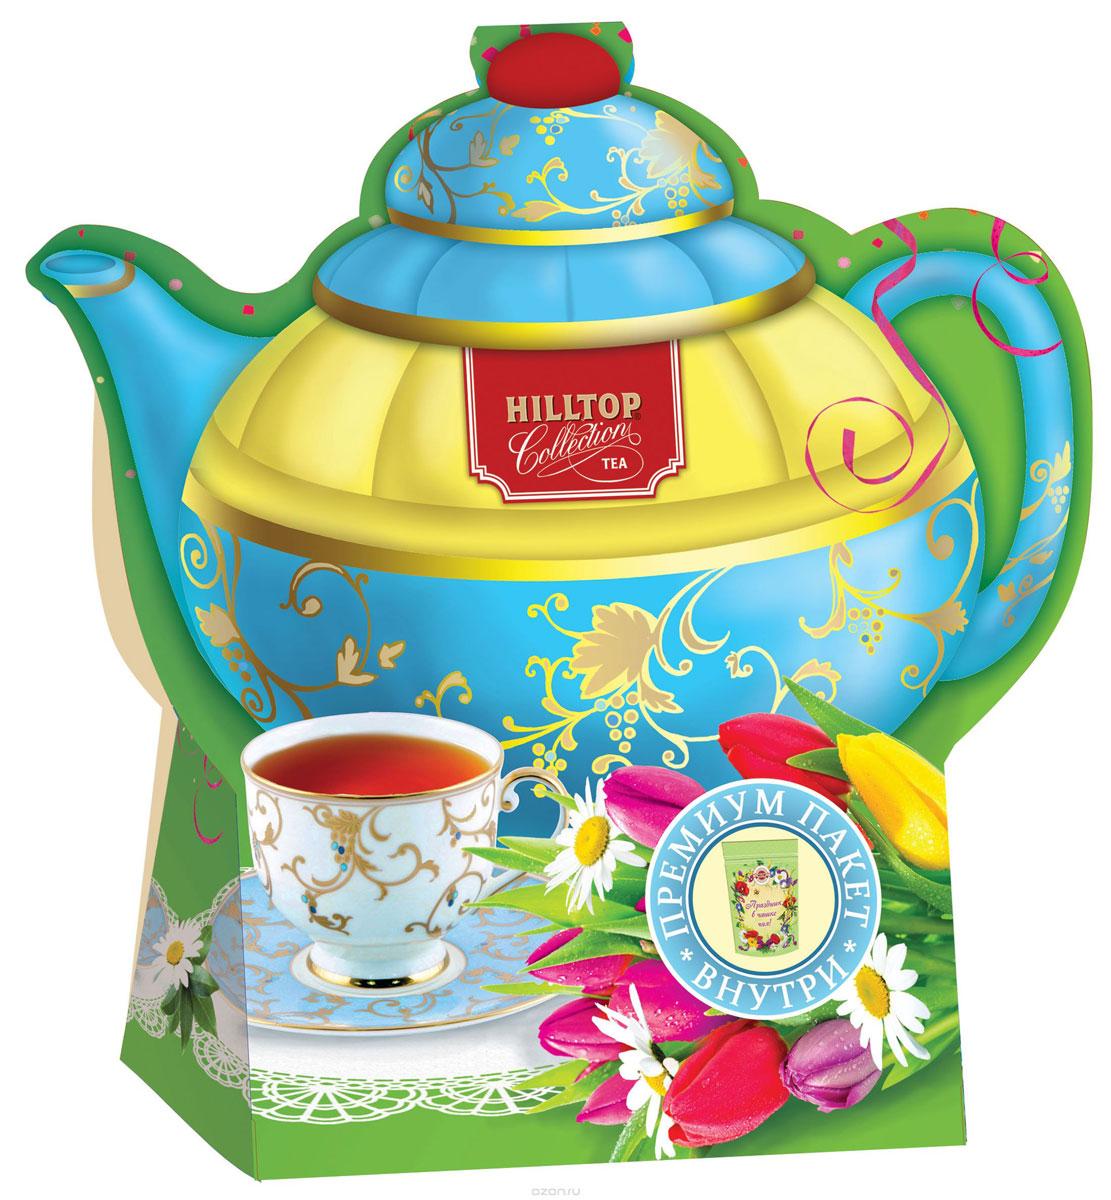 Hilltop Подарок Цейлона черный листовой чай, 80 г (чайник Тюльпаны) hilltop пасхальный подарок черное золото черный листовой чай 80 г